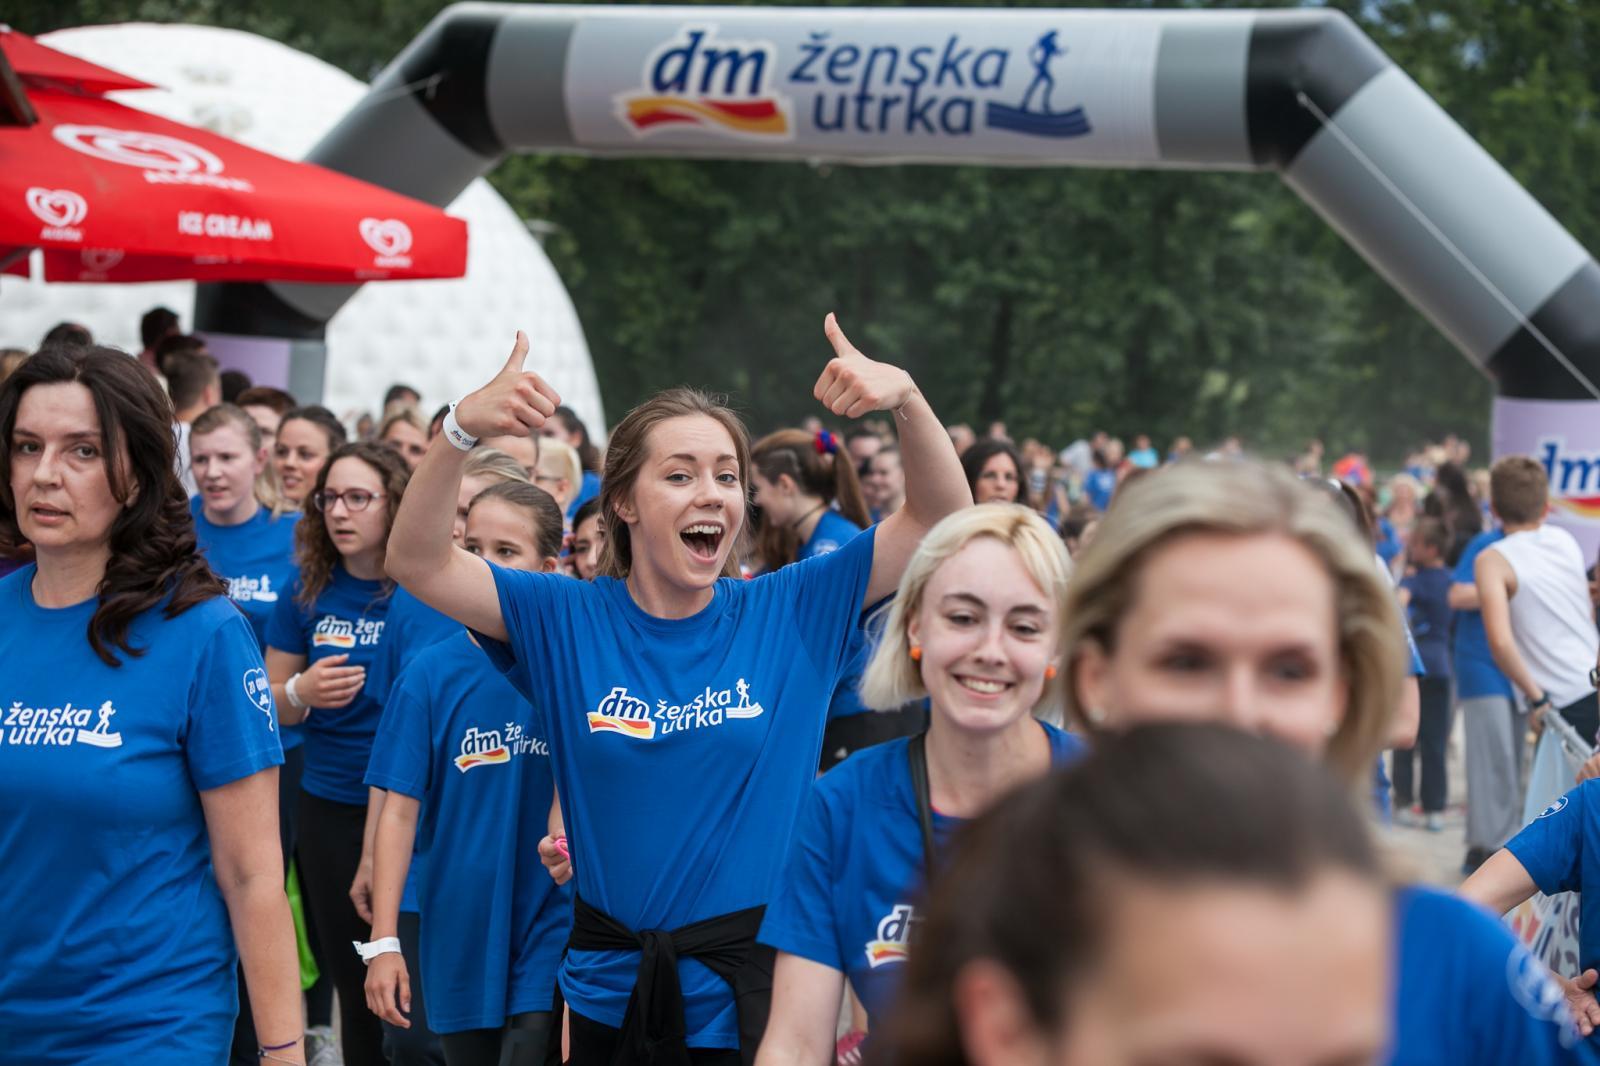 Na Bundeku se ove godine okupio rekordan broj sudionica u dm ženskoj utrci.